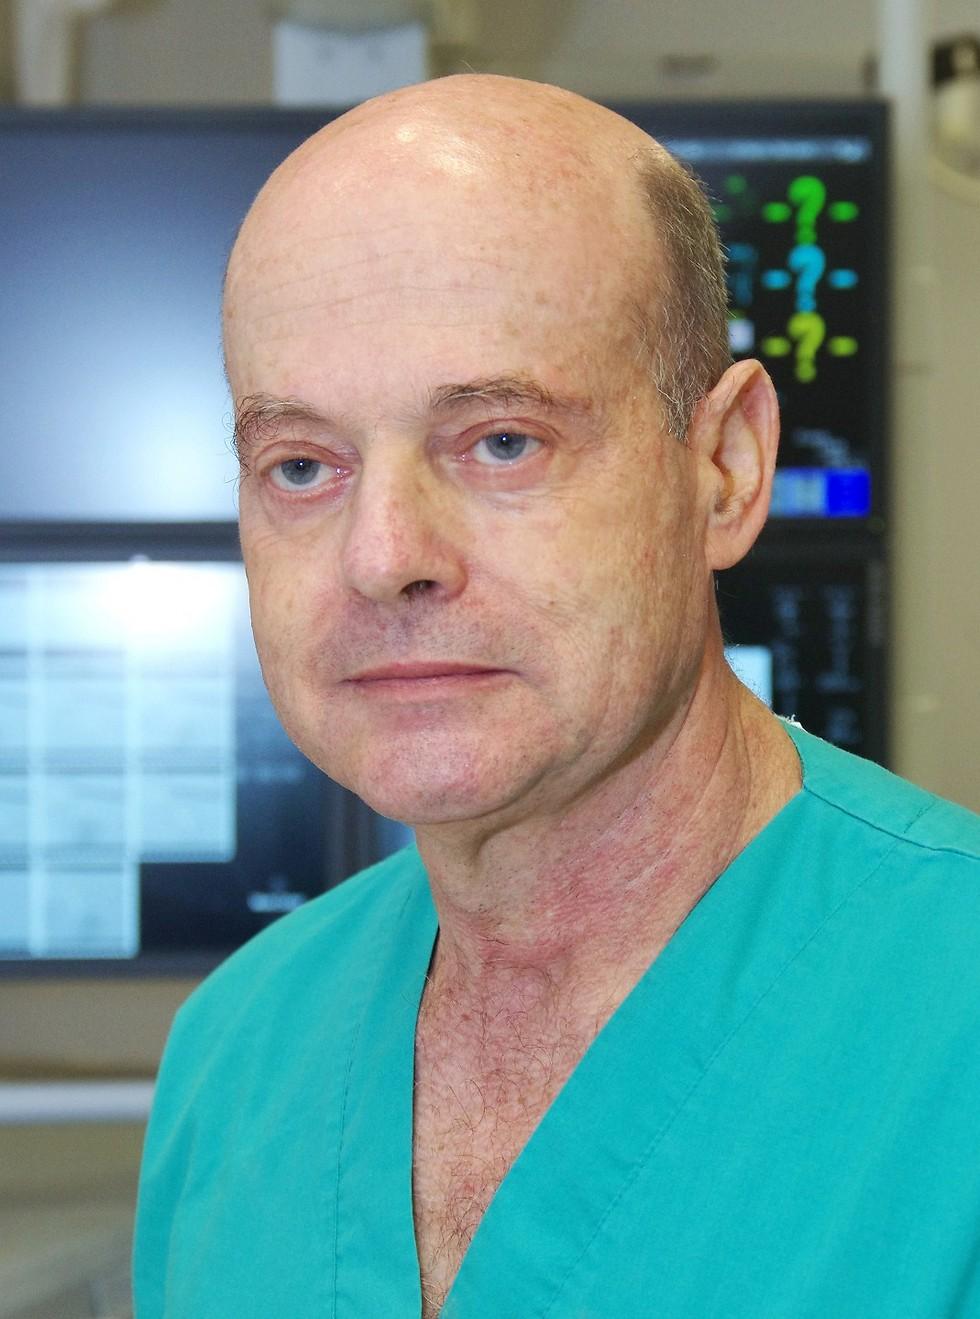 """ד""""ר מתי בקון (צילום: יחידת הצילום תל השומר) (צילום: יחידת הצילום תל השומר)"""